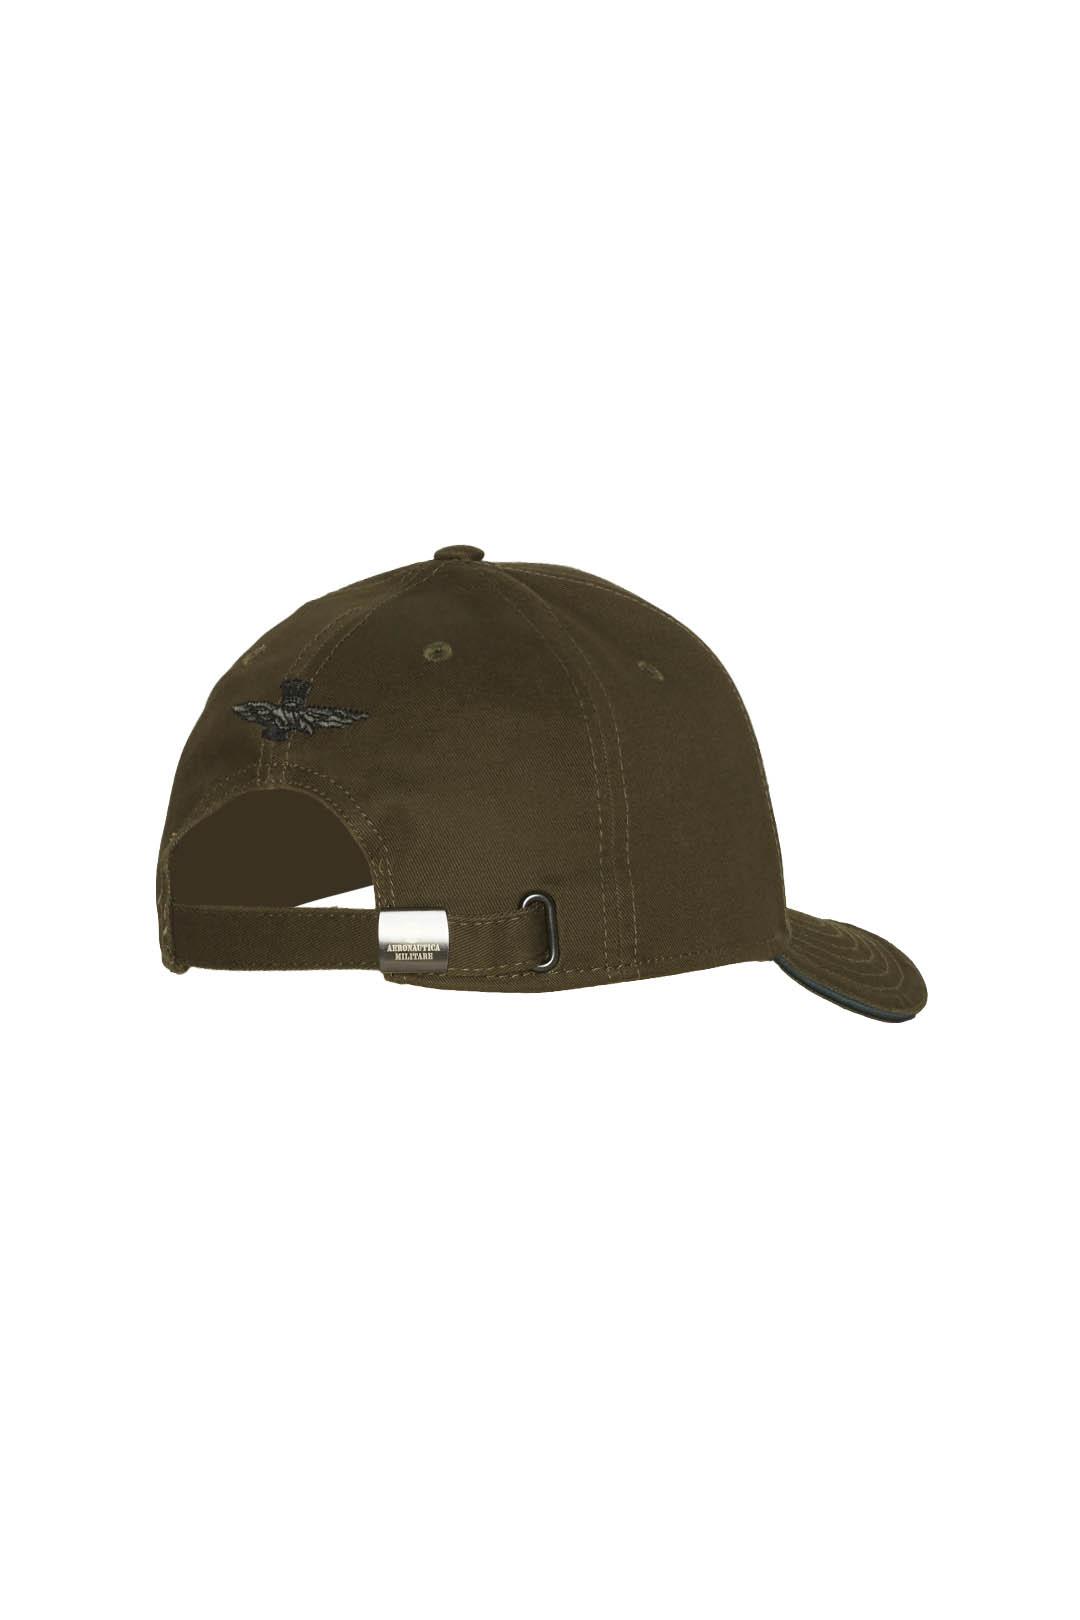 Hut mit 3d Stickereien                   3